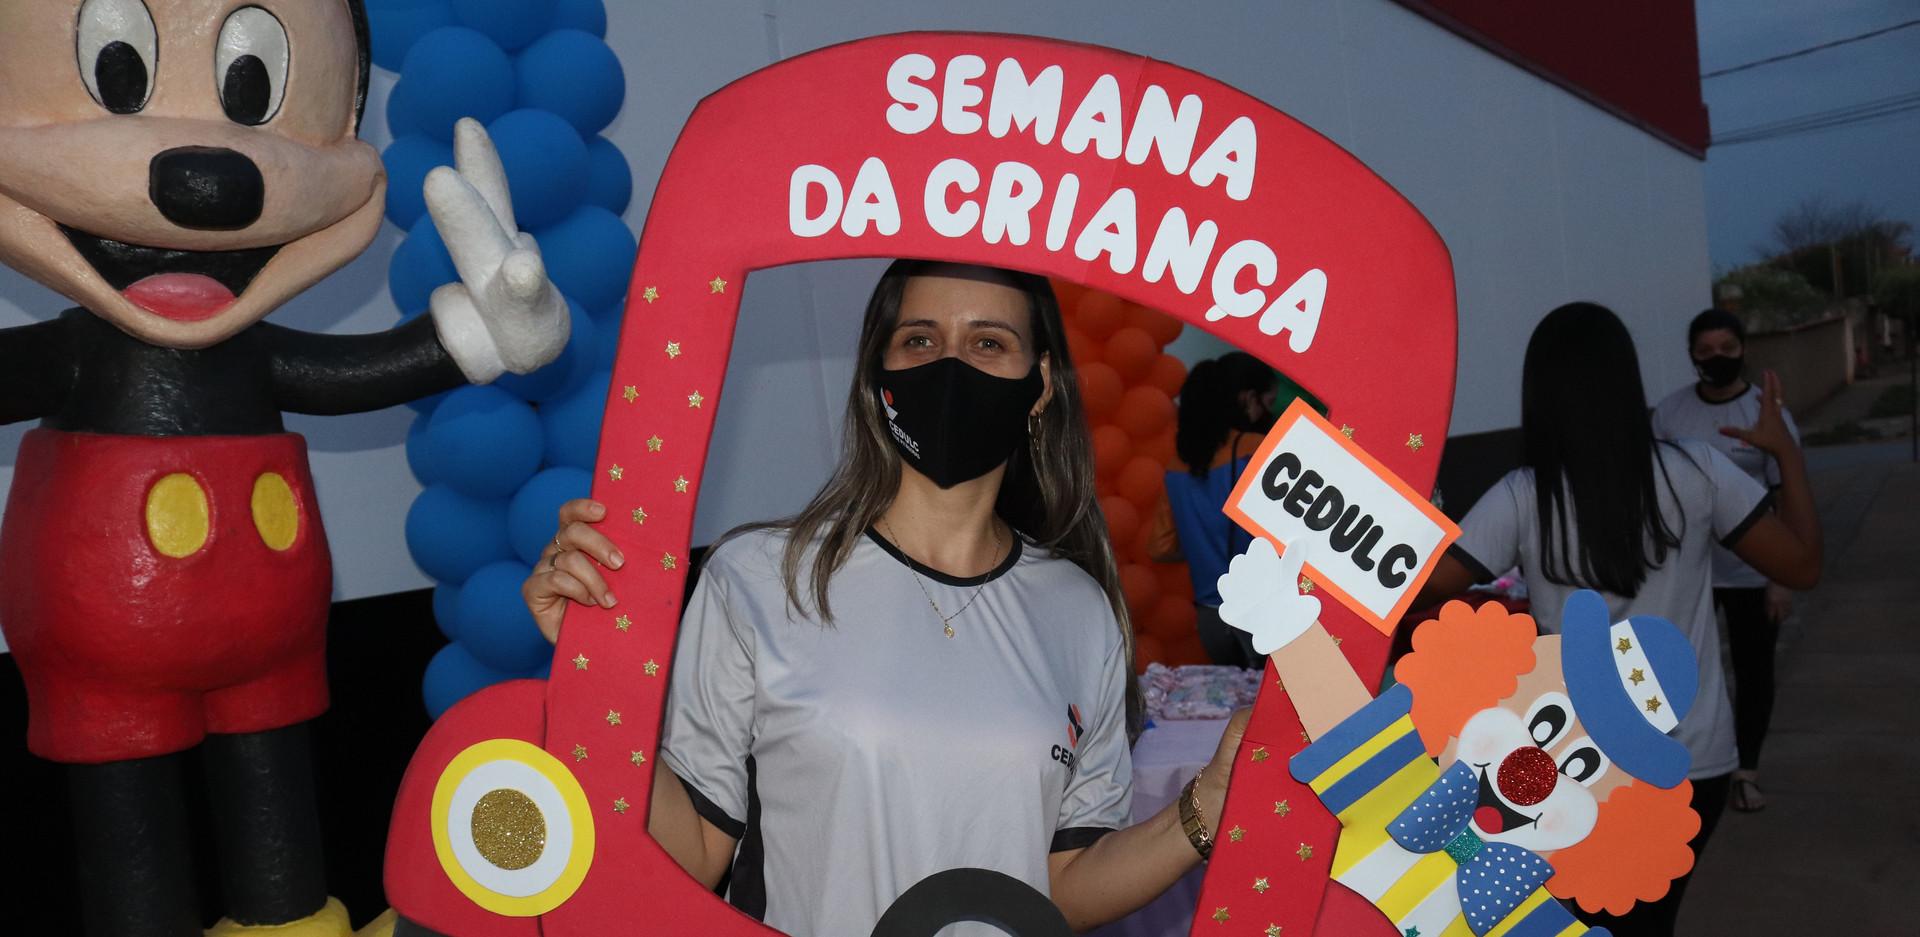 SEMANA DA CRIANCA NO CEDULC (151).JPG